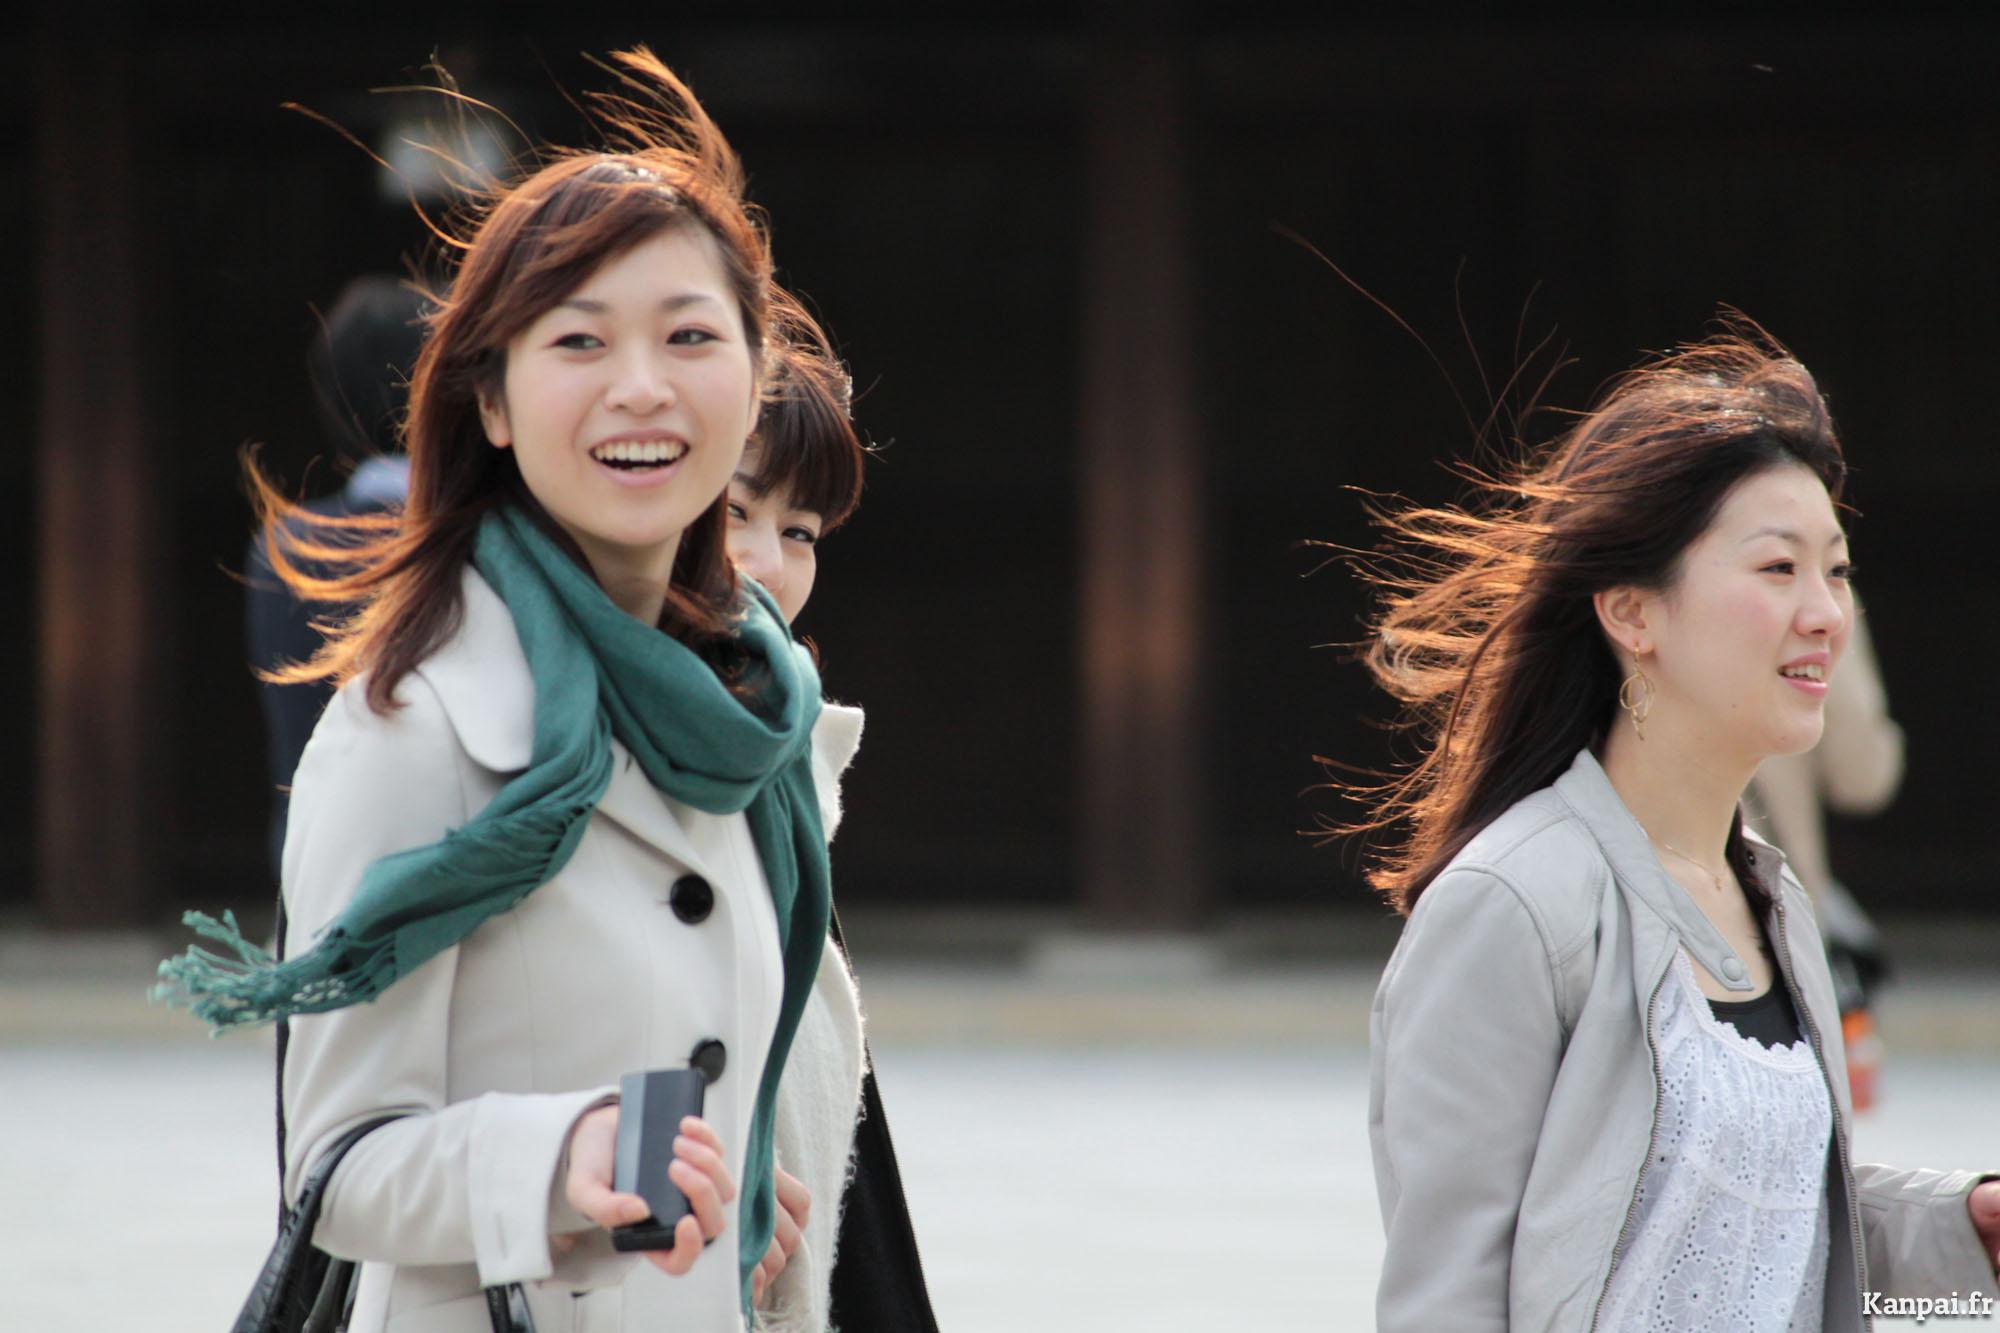 Ides de ftes d'anniversaire pour les adolescents japonais